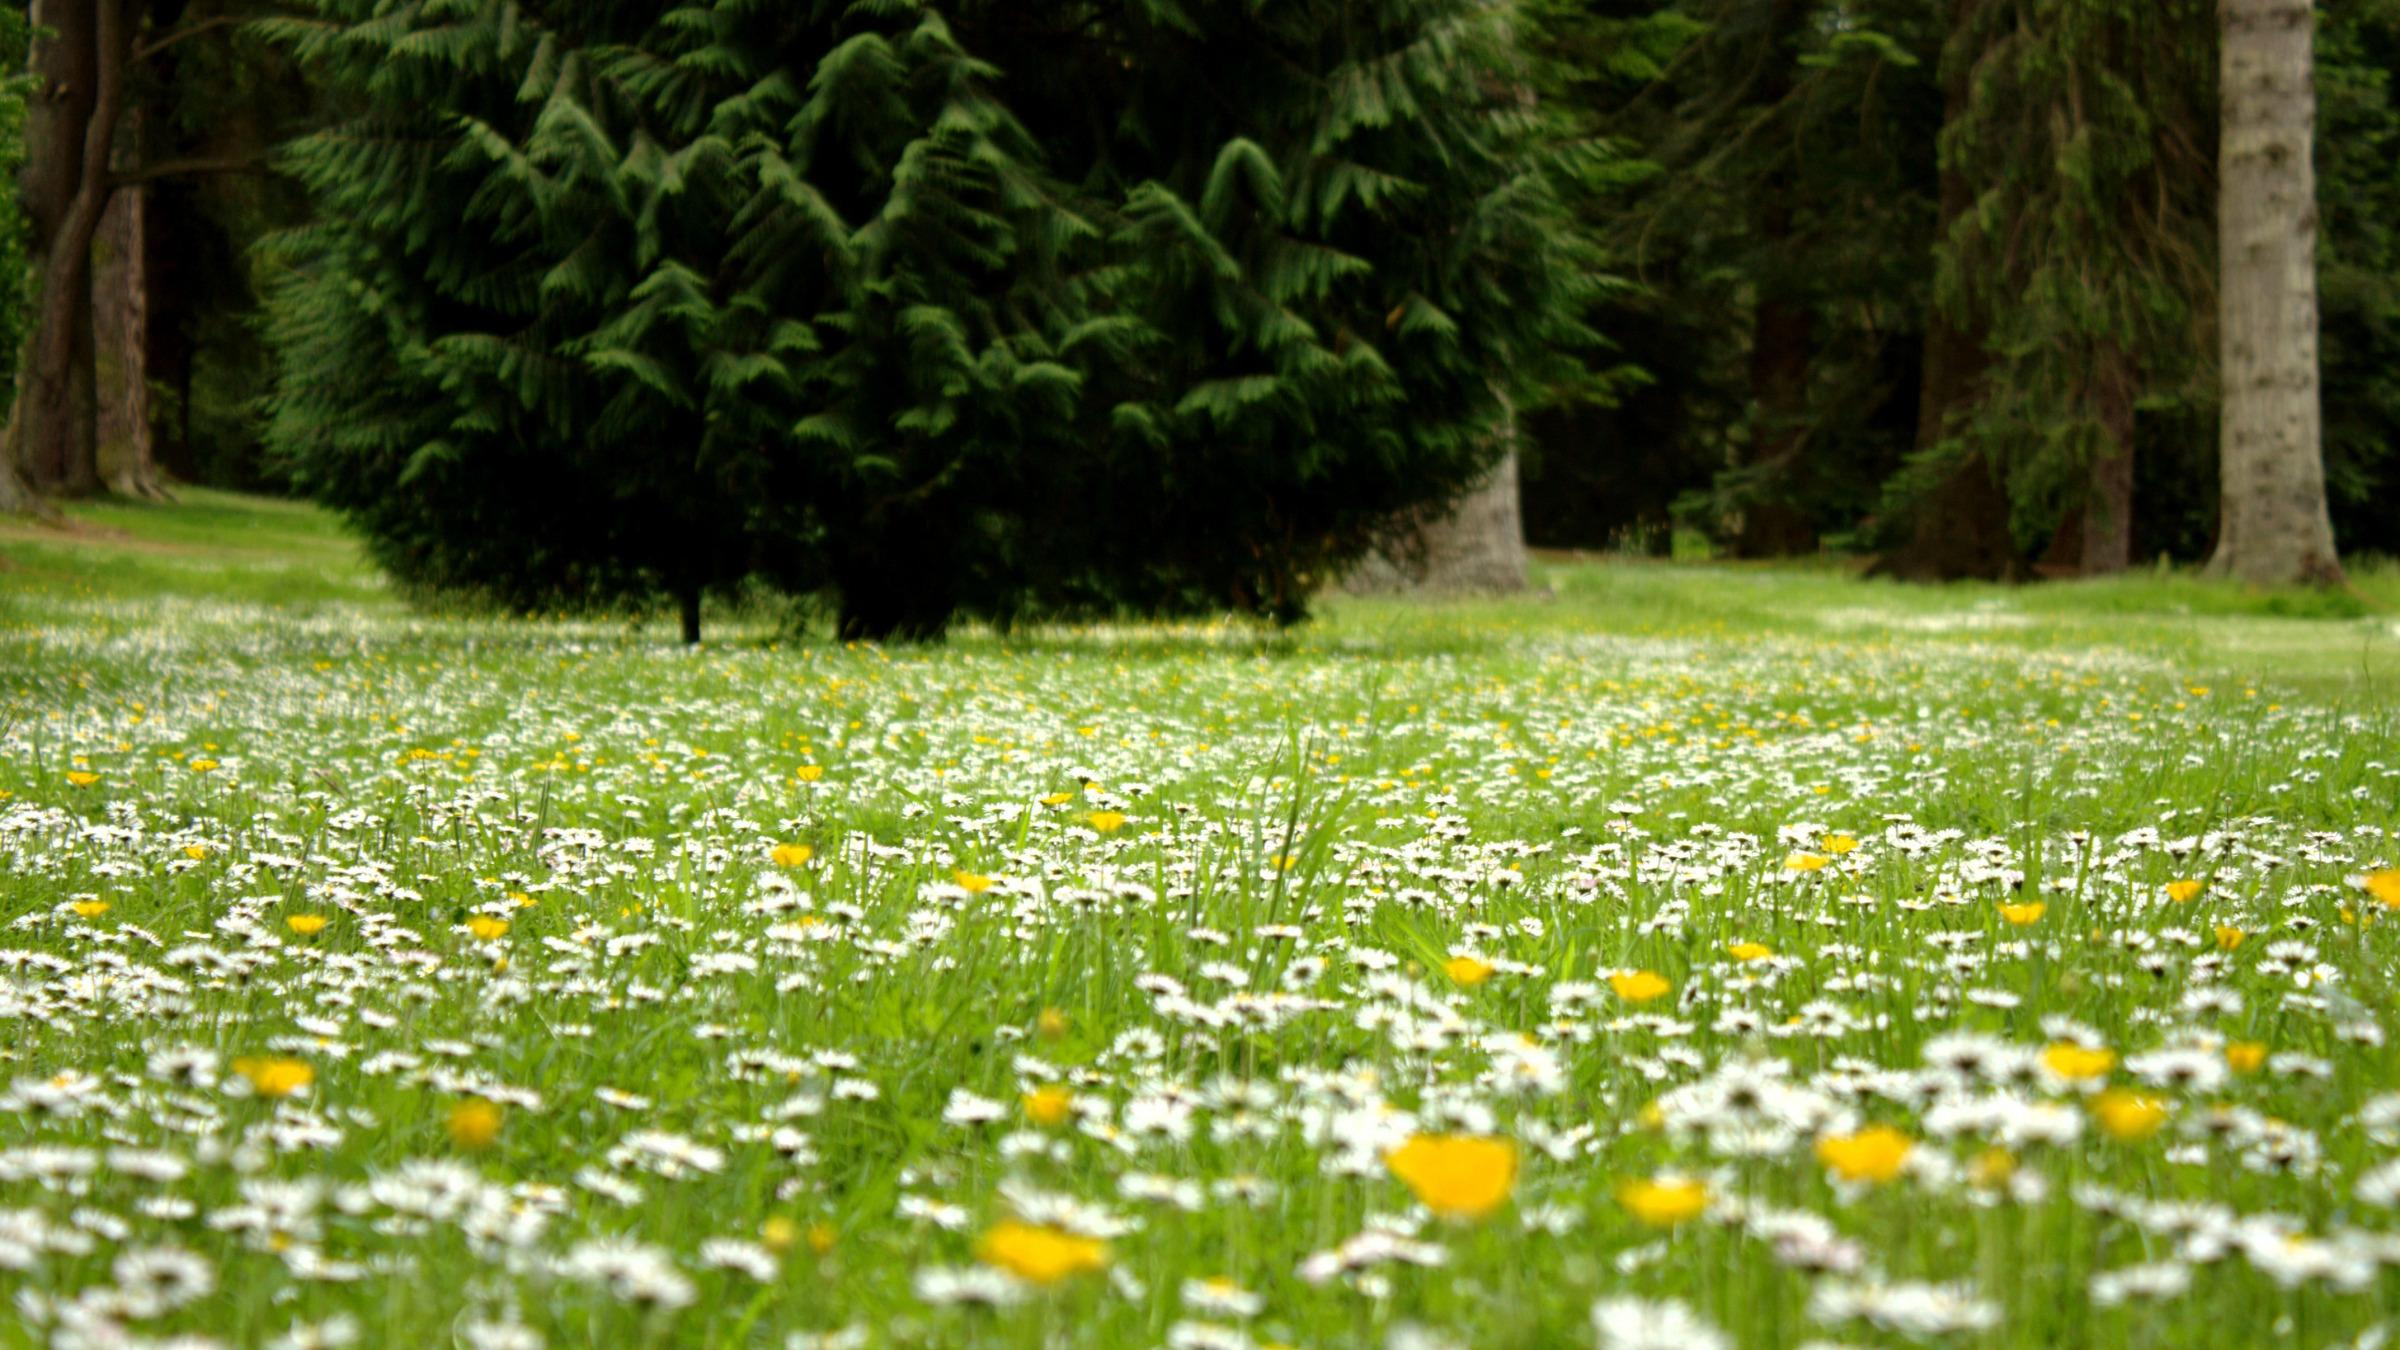 ТОП-7 самых красивых цветущих долин мира фото цветочных 65